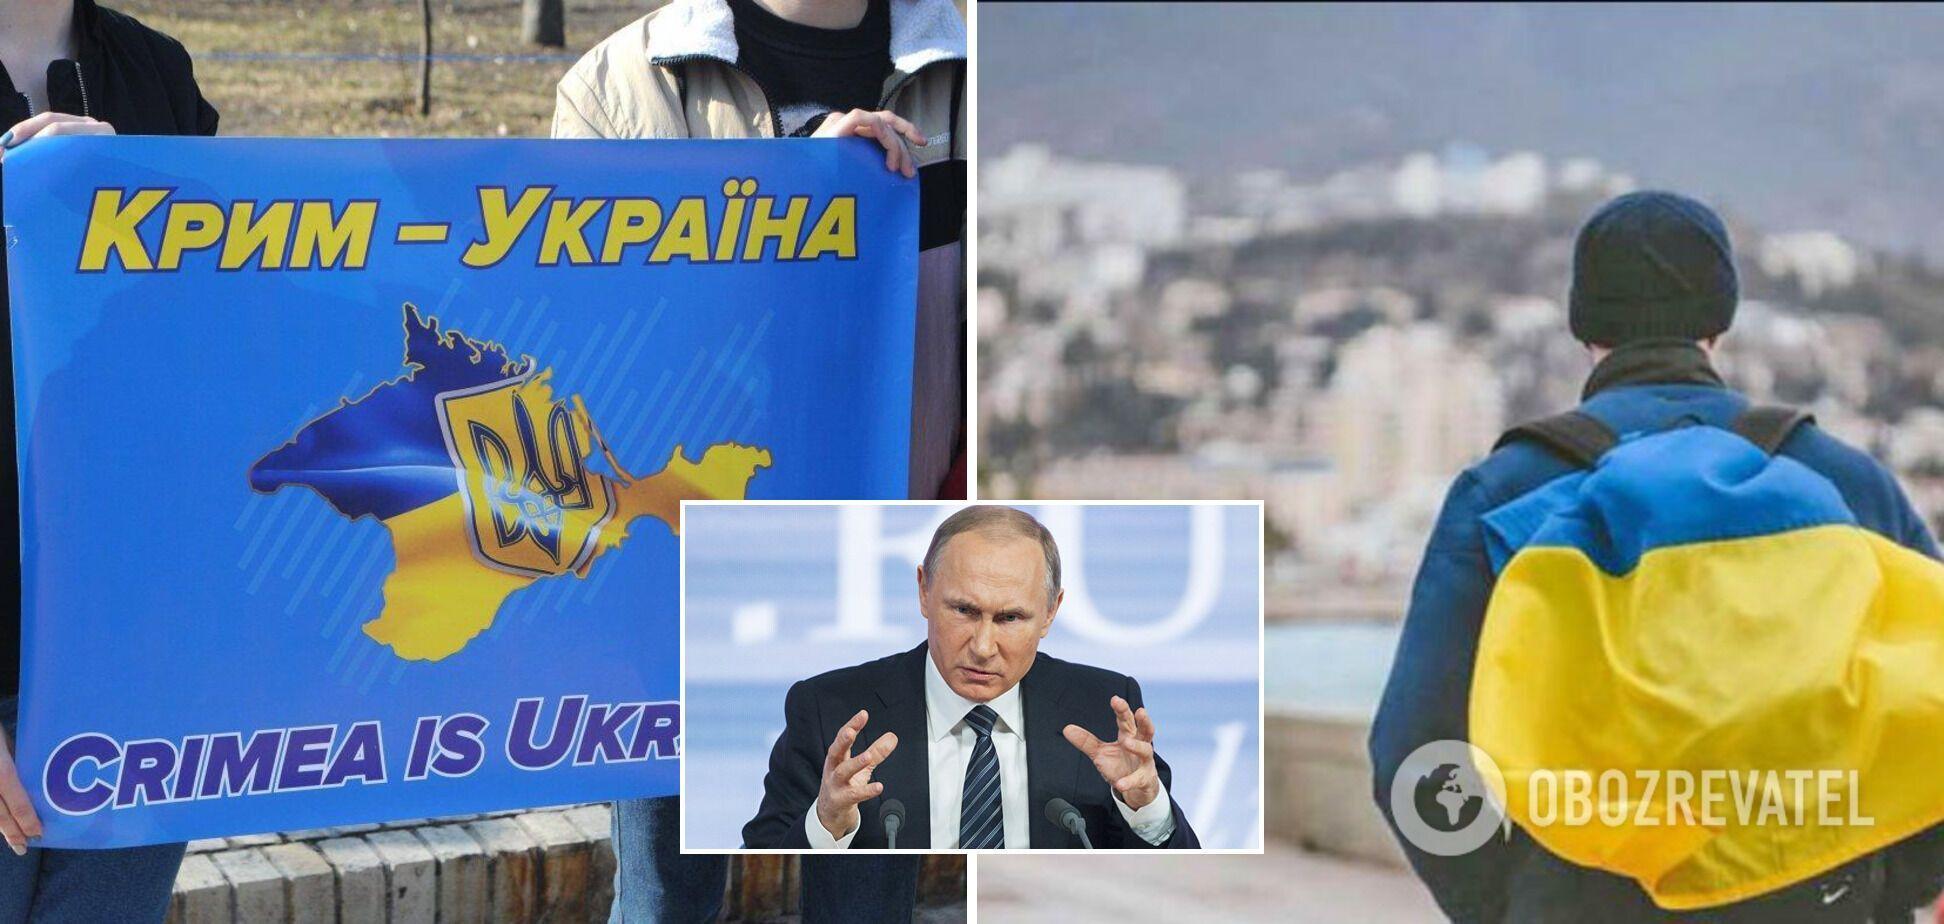 Страх та ненависть у Москві: чому нервує Кремль?